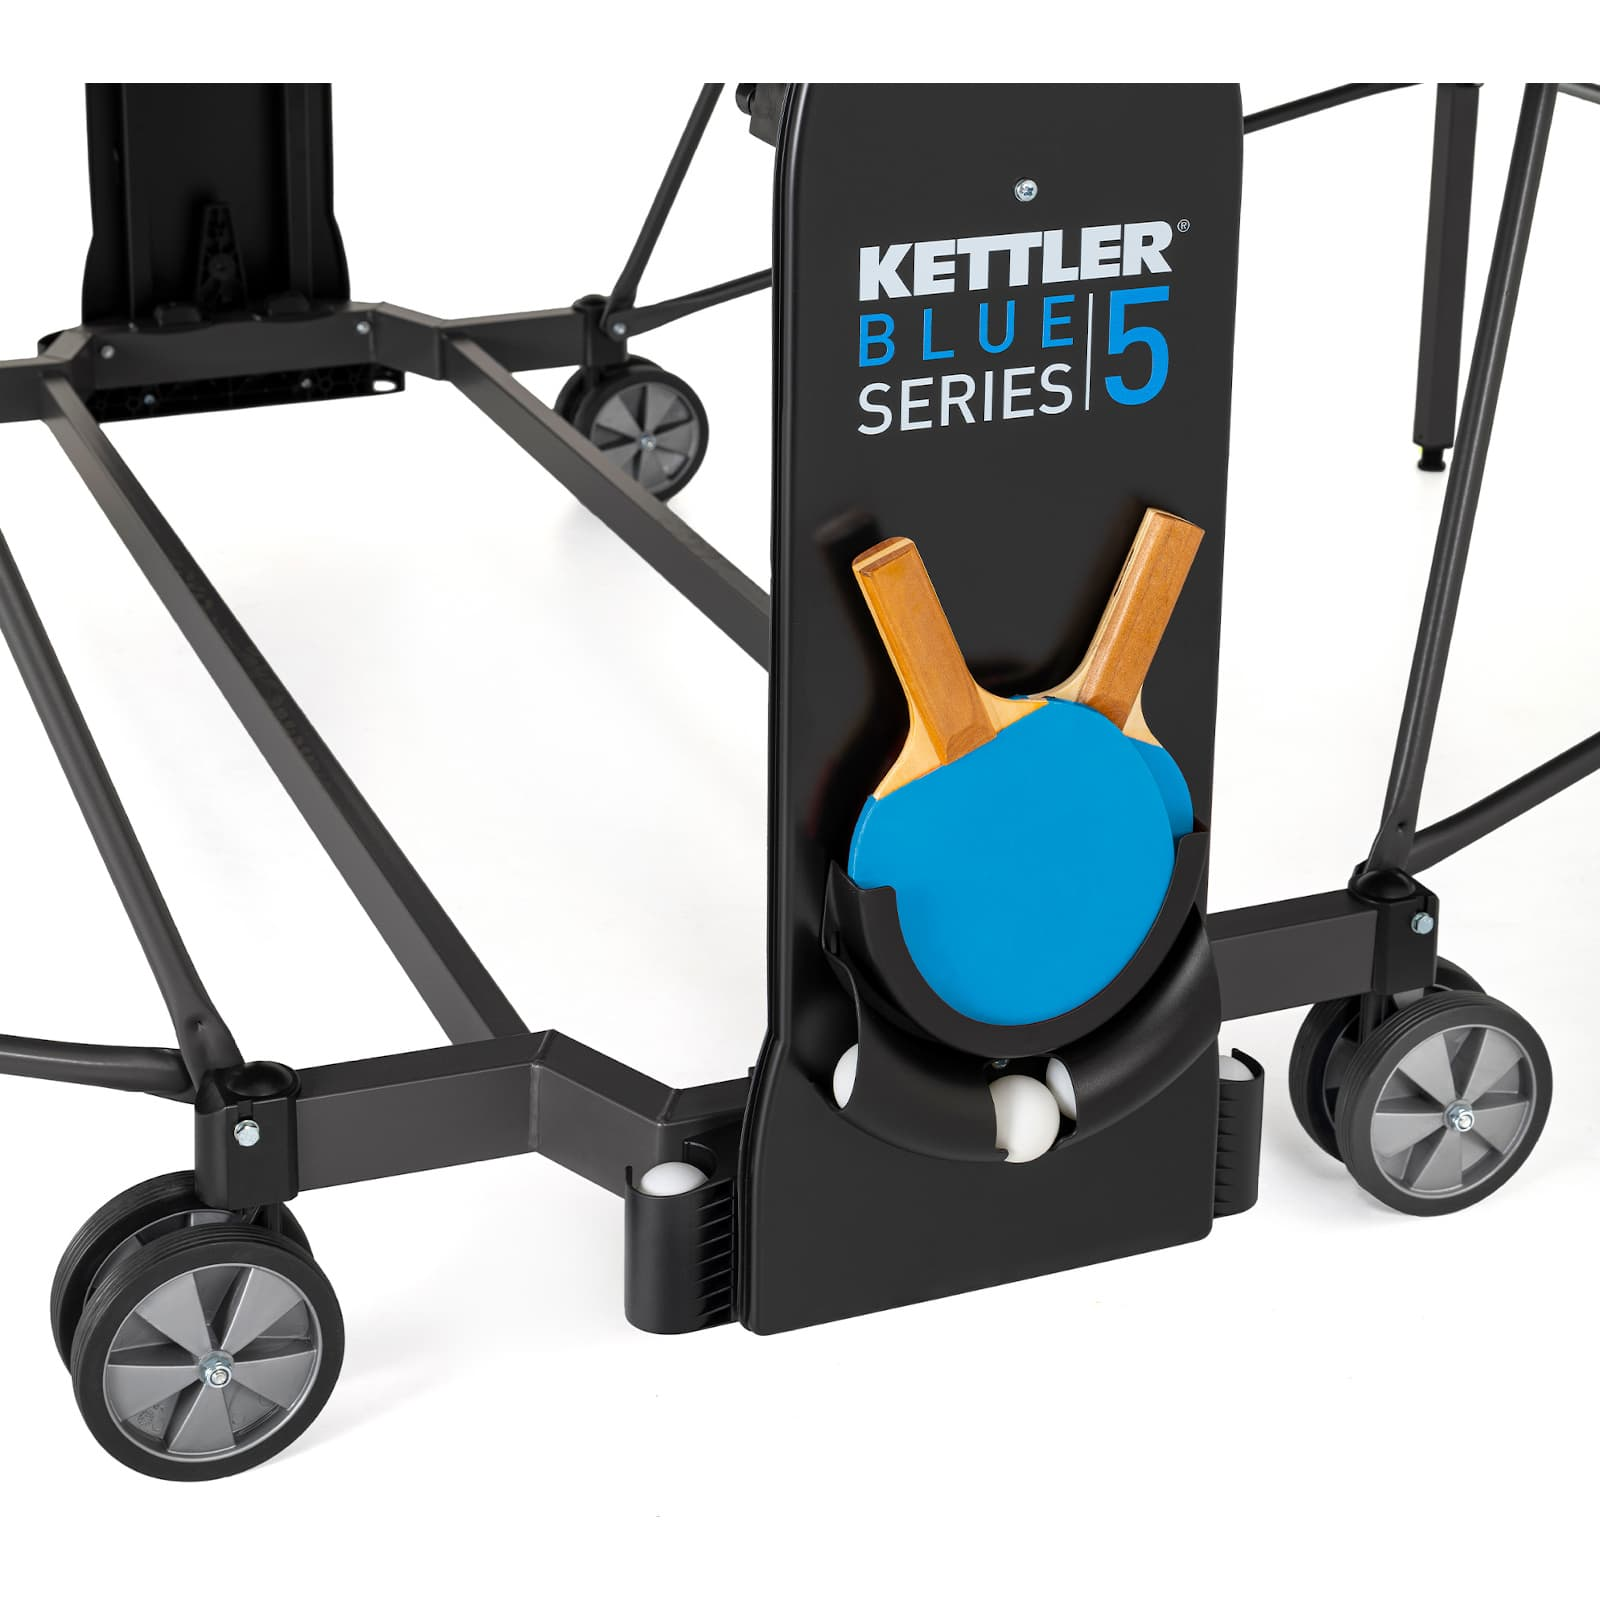 Tischtennisschläger- und Tischtennisballhalter vom Kettler Tischtennistisch Outdoor 5 Blue Series